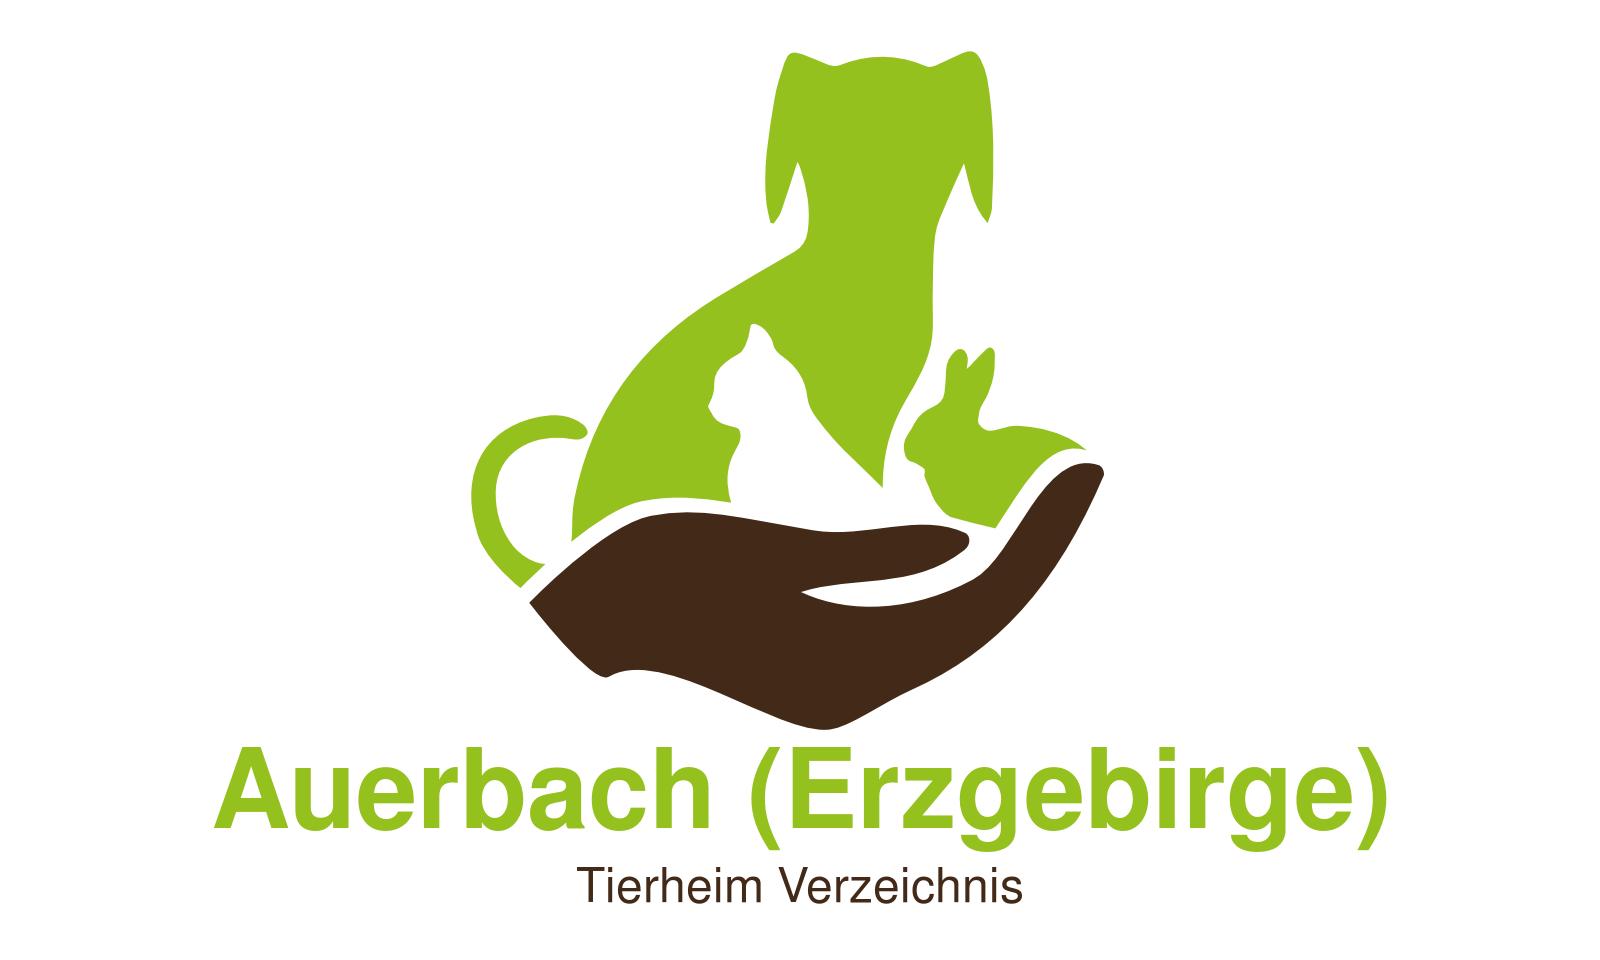 Tierheim Auerbach (Erzgebirge)